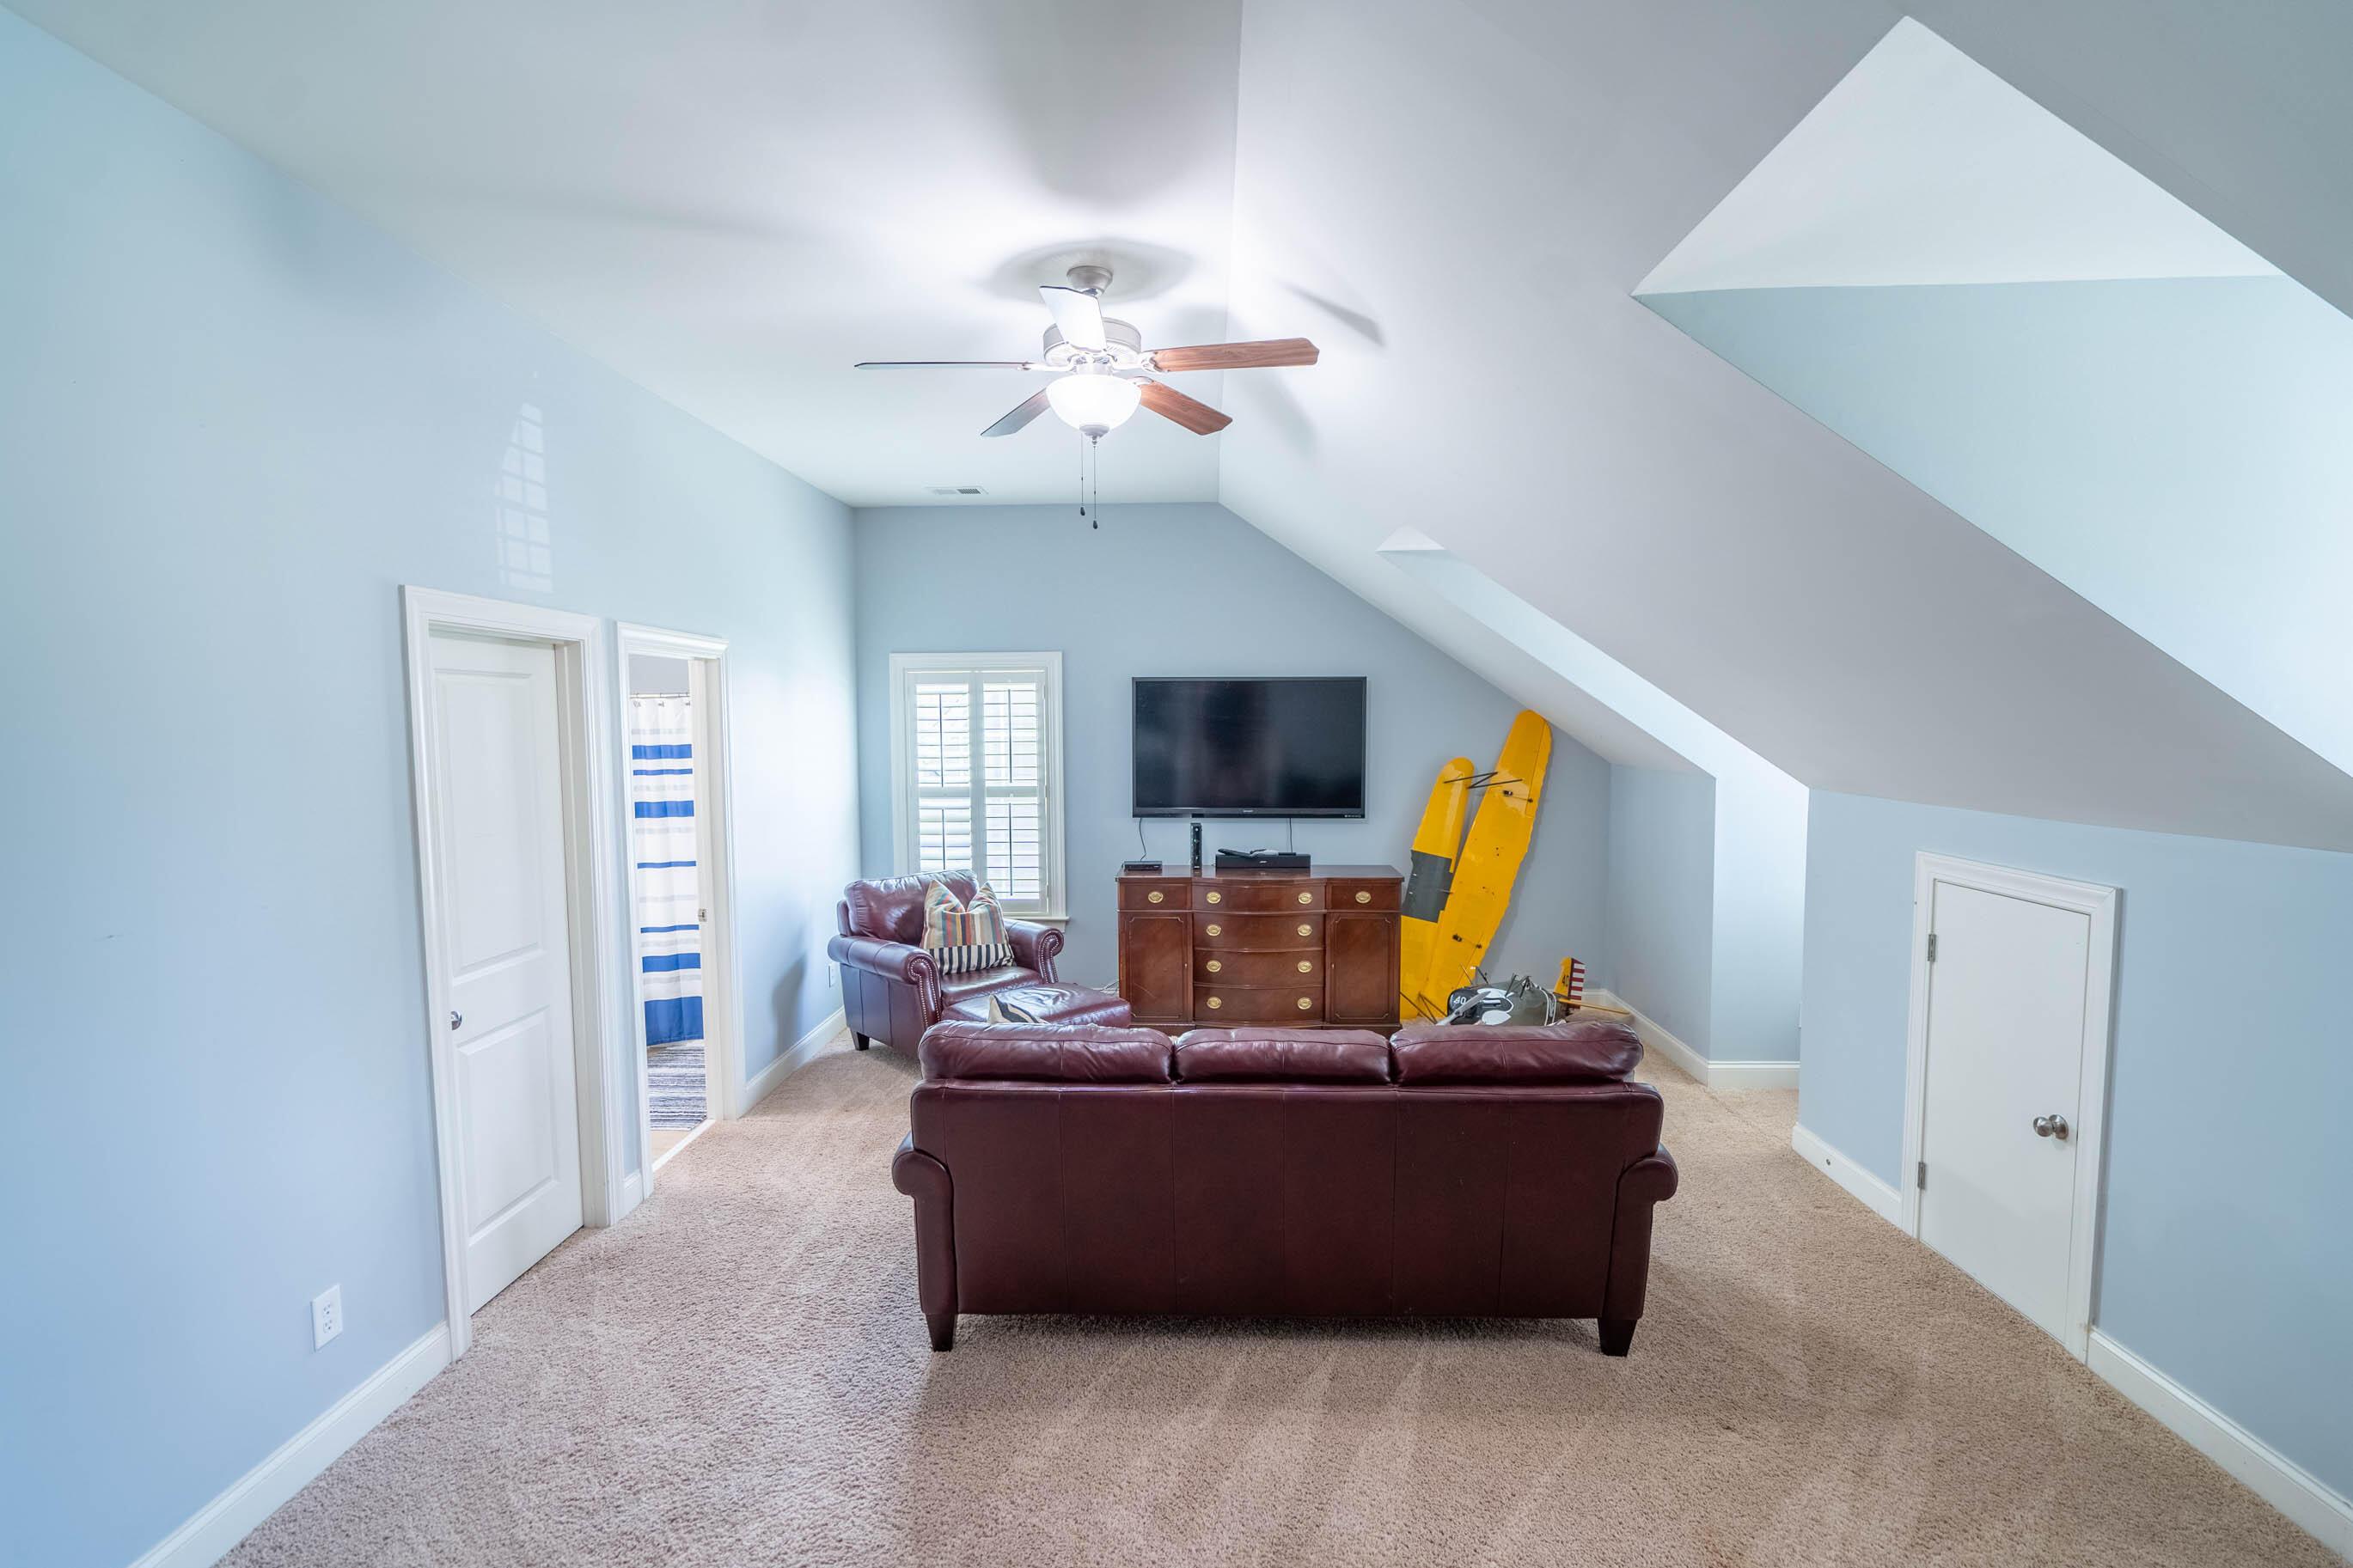 Dunes West Homes For Sale - 2997 Sturbridge, Mount Pleasant, SC - 32